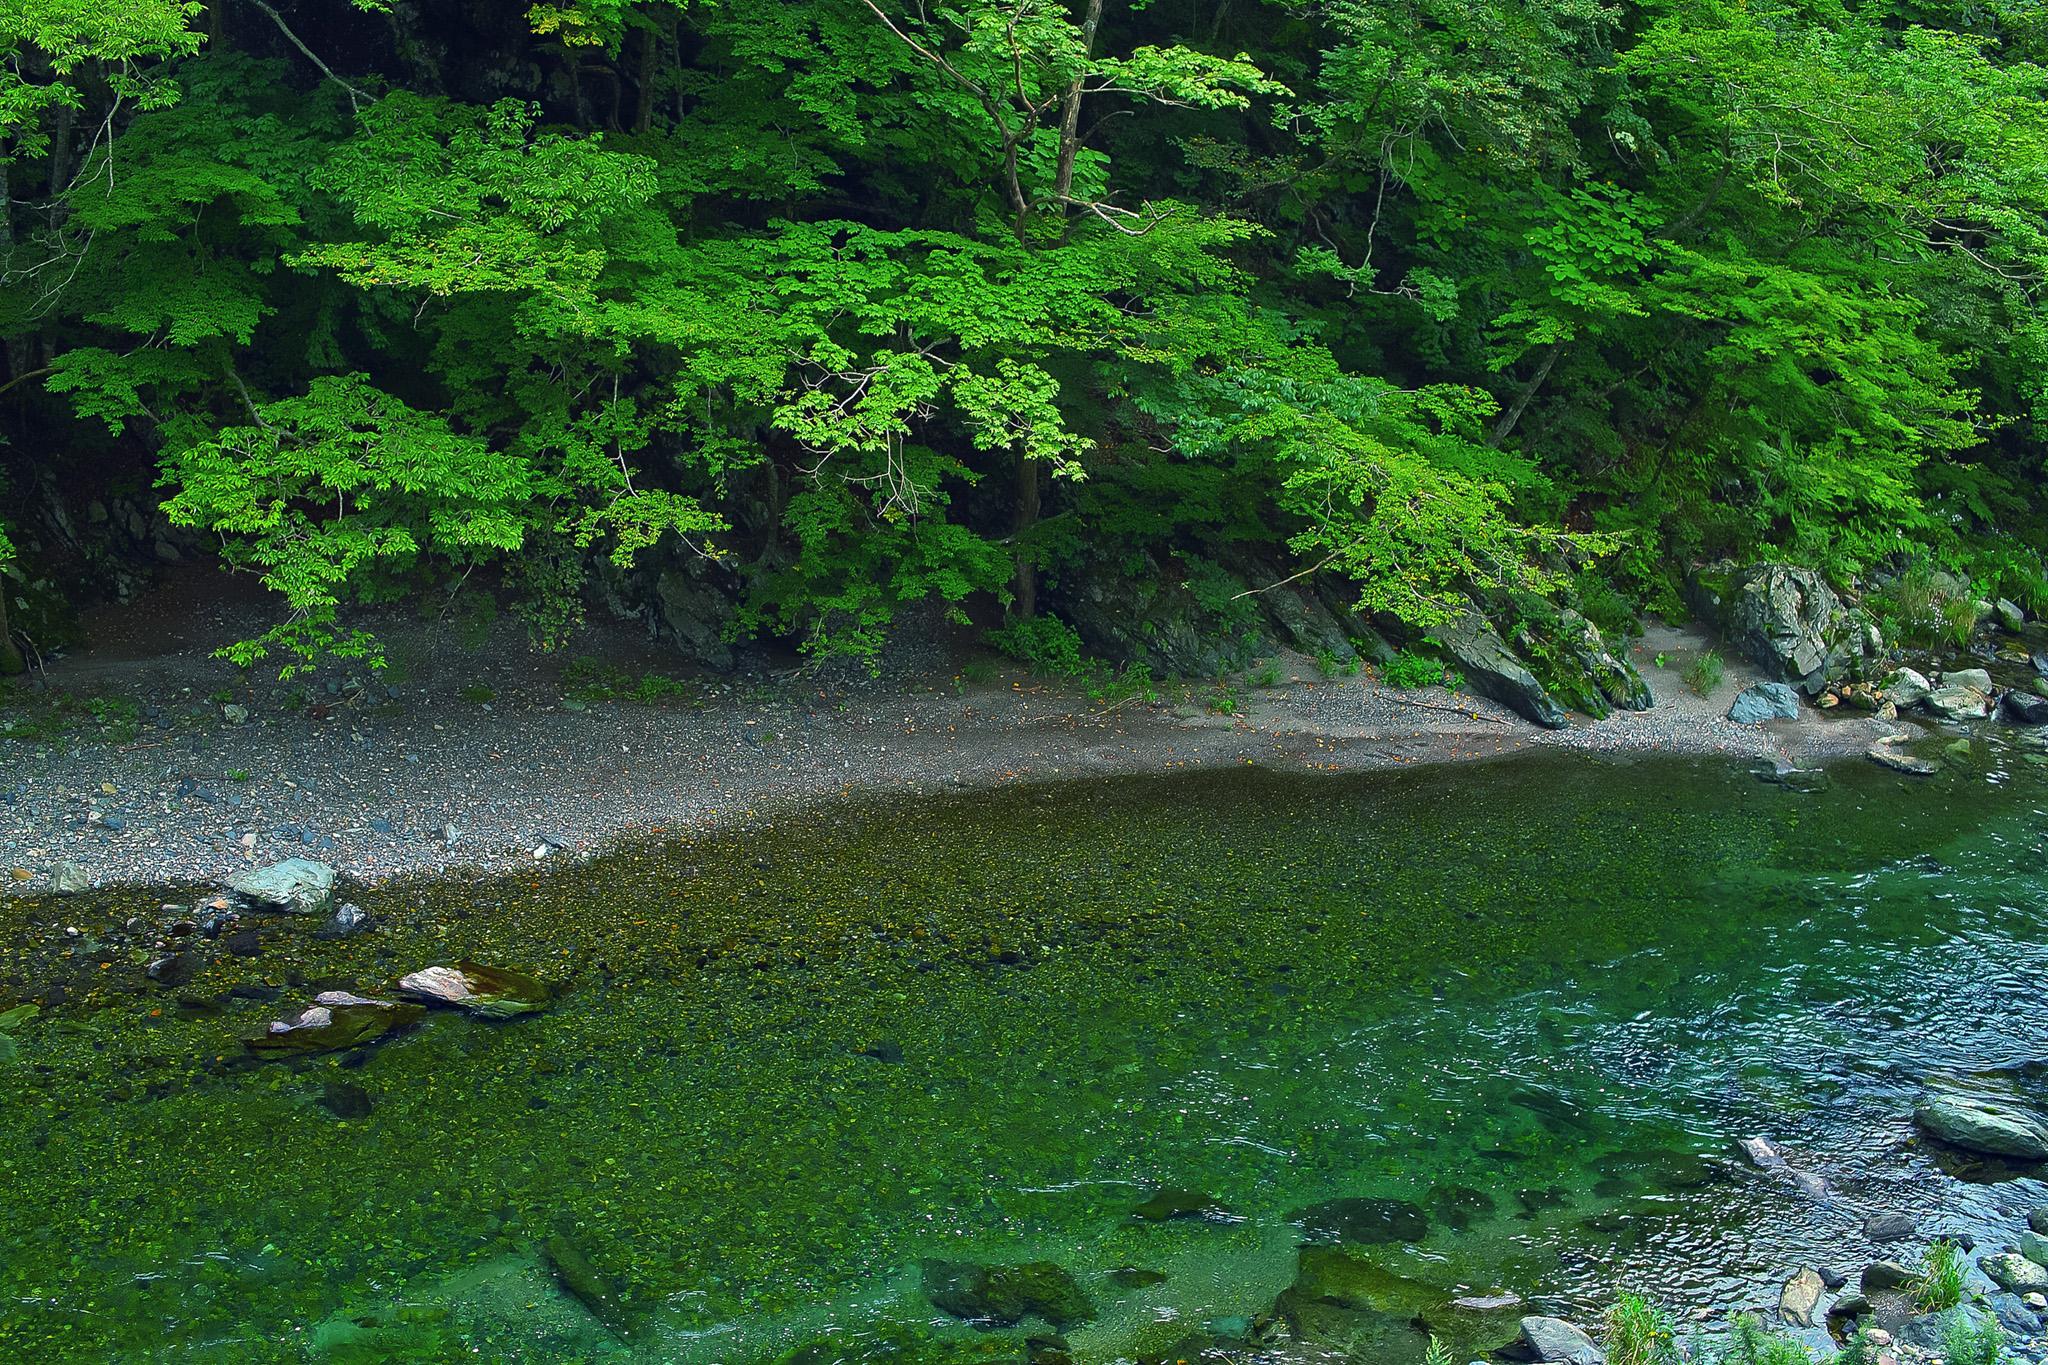 「緑濃き穏やか川瀬」の画像を無料ダウンロード